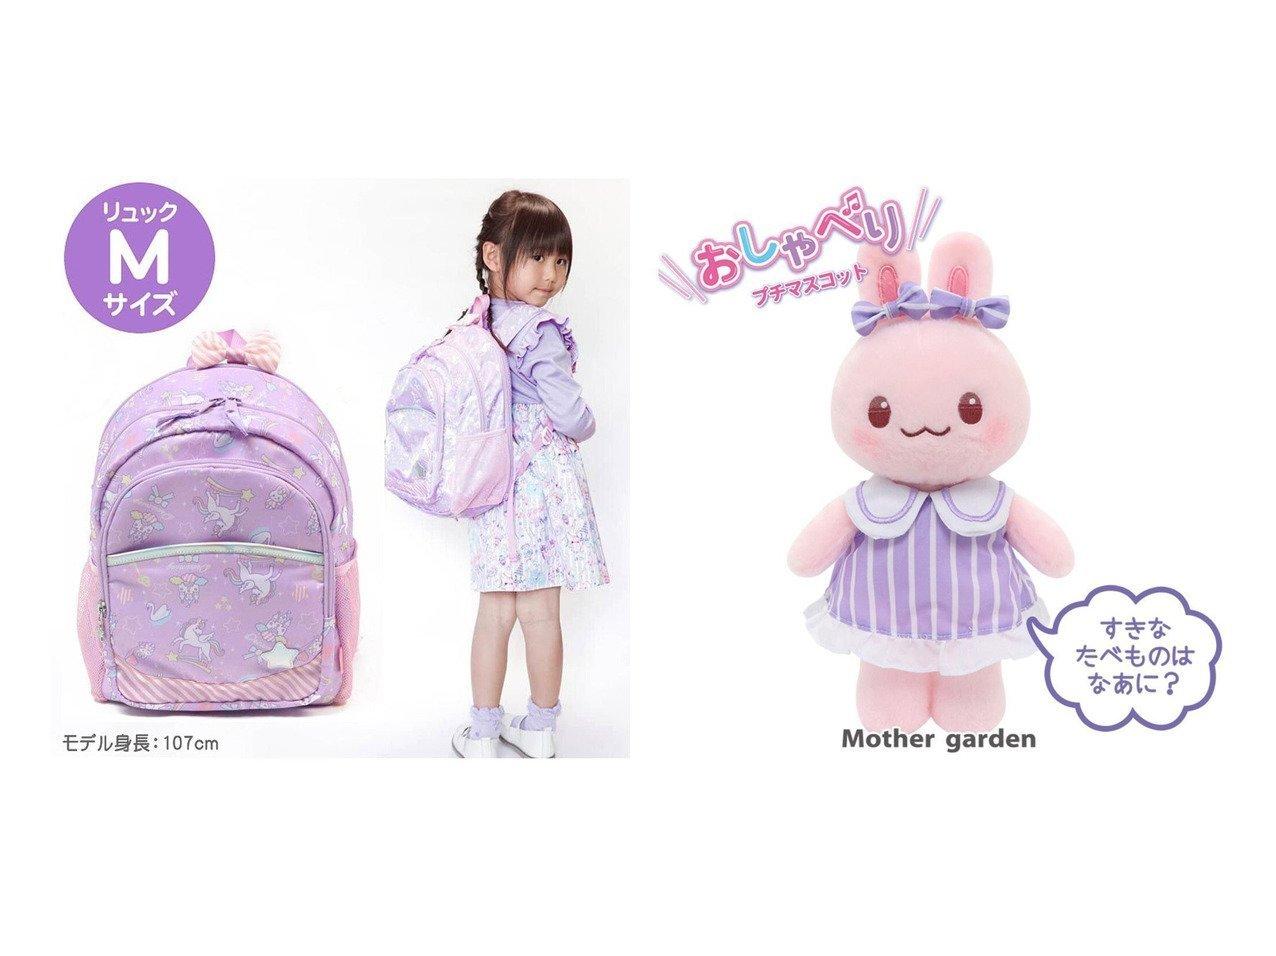 【Mother garden/マザーガーデン】のマザーガーデン ユニコーン 子供用リュックサック Mサイズ&うさもも きせかえマスコットS 《おしゃべりうさももちゃん》 おすすめ!人気ぬいぐるみ・おもちゃの通販 おすすめで人気の流行・トレンド、ファッションの通販商品 メンズファッション・キッズファッション・インテリア・家具・レディースファッション・服の通販 founy(ファニー) https://founy.com/ ガーデン ダブル ポケット リュック 再入荷 Restock/Back in Stock/Re Arrival |ID:crp329100000035798